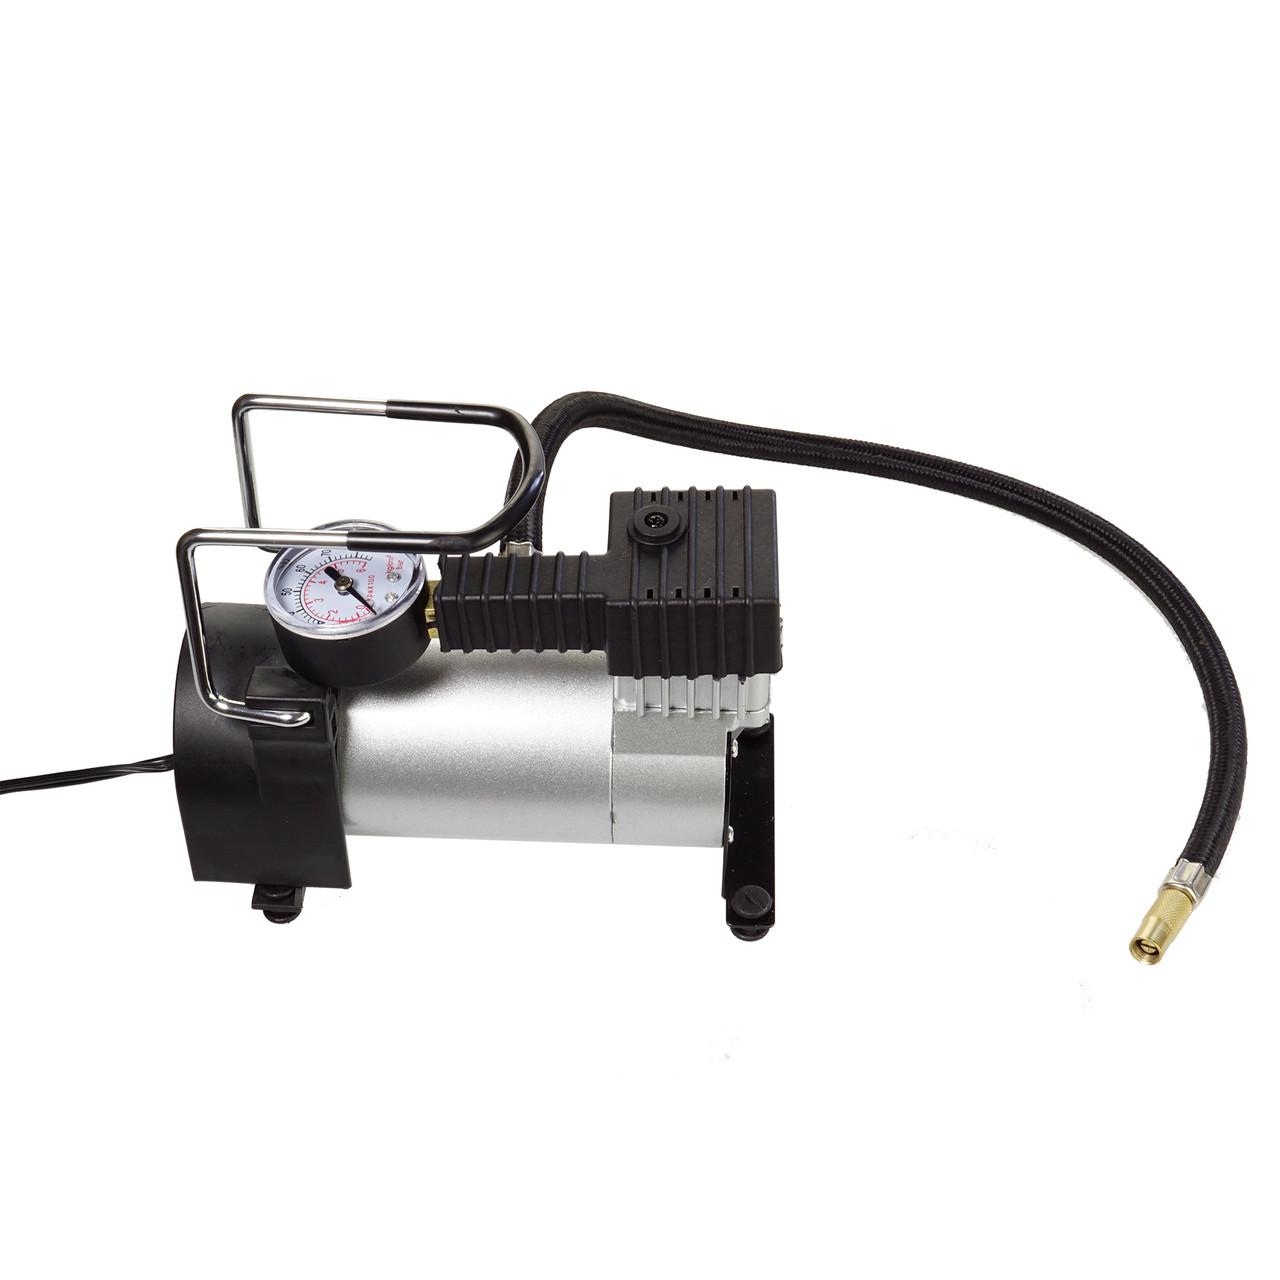 Воздушный компрессор от прикуривателя - Зимняя распродажа